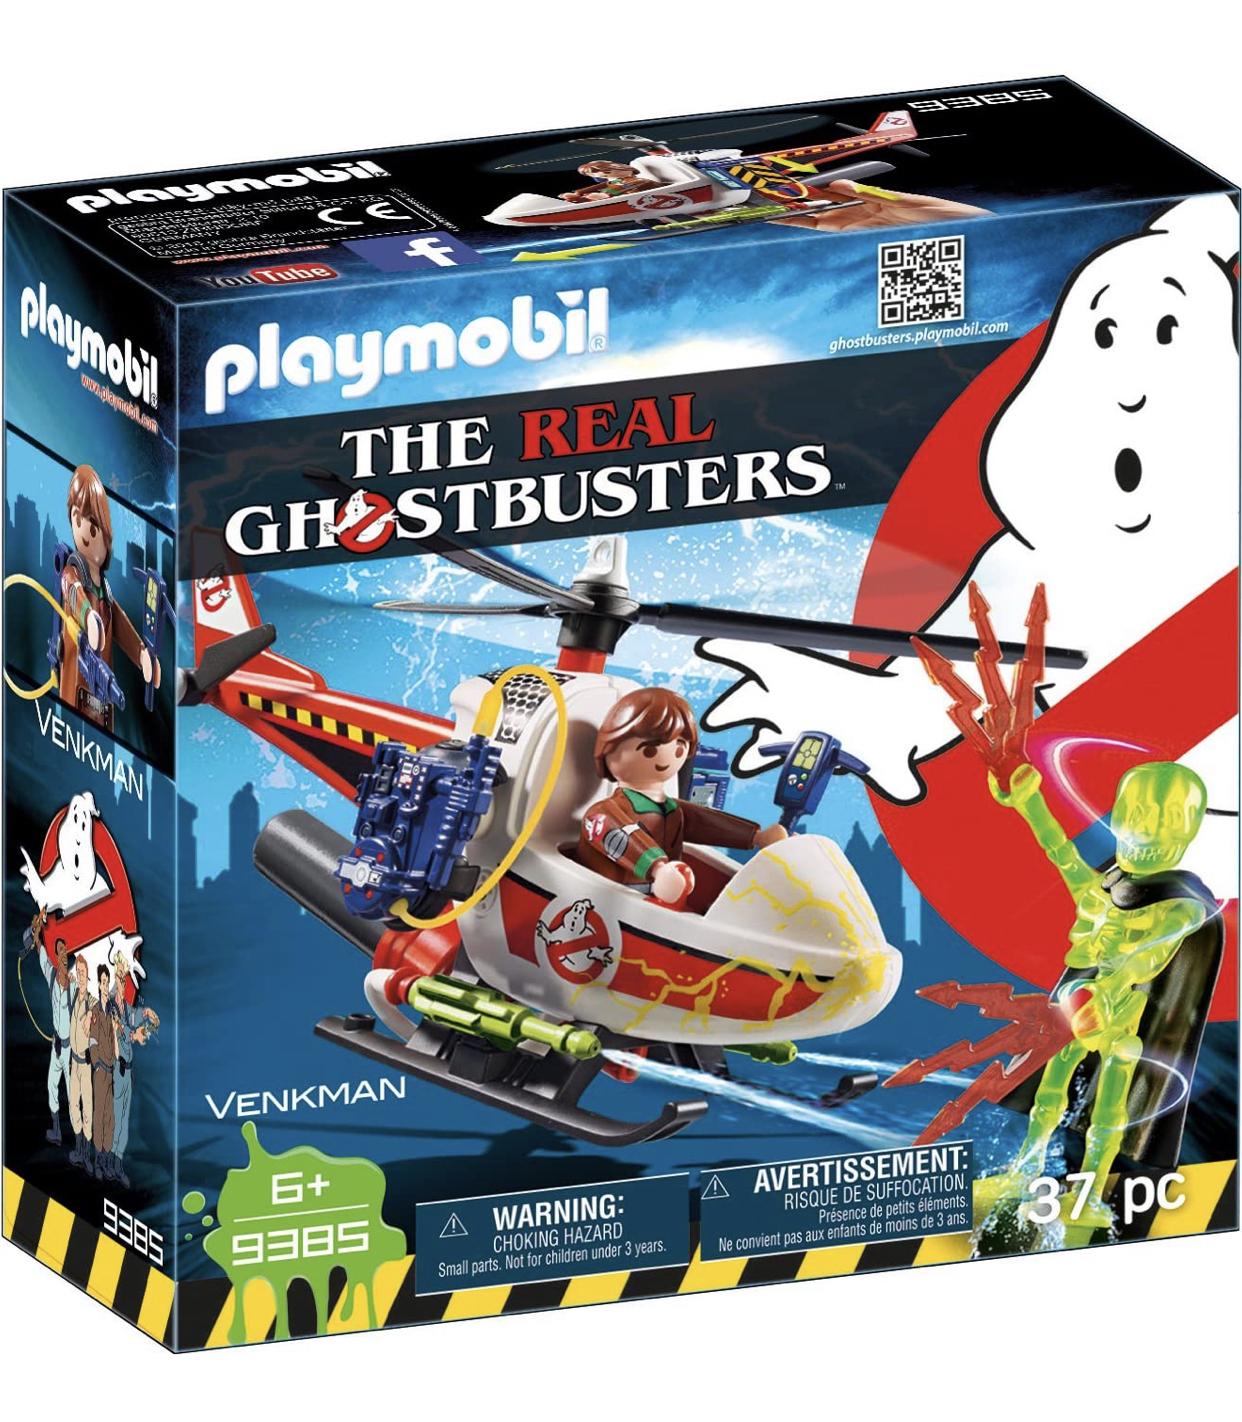 PLAYMOBIL Ghostbusters Venkman con Helicóptero y Chorros de Agua Reales